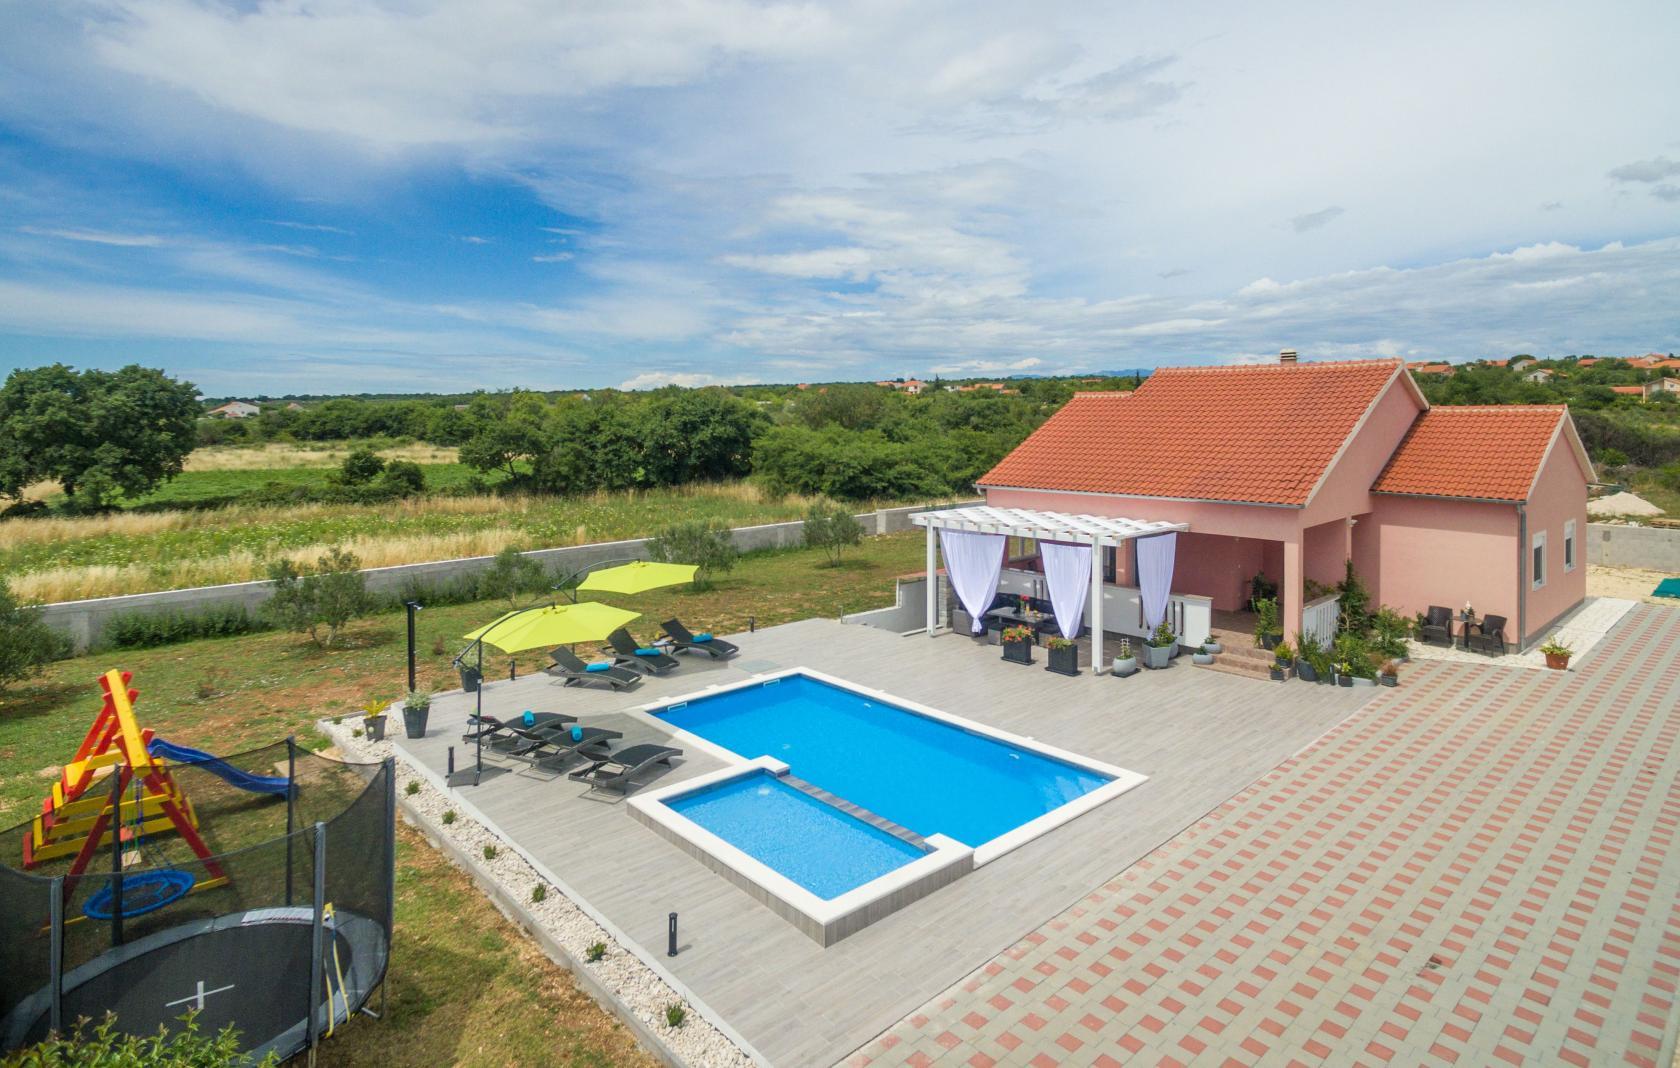 Villa Maris, Tinj, 8 persons, playground for children, private pool, www.zadarvillas.com